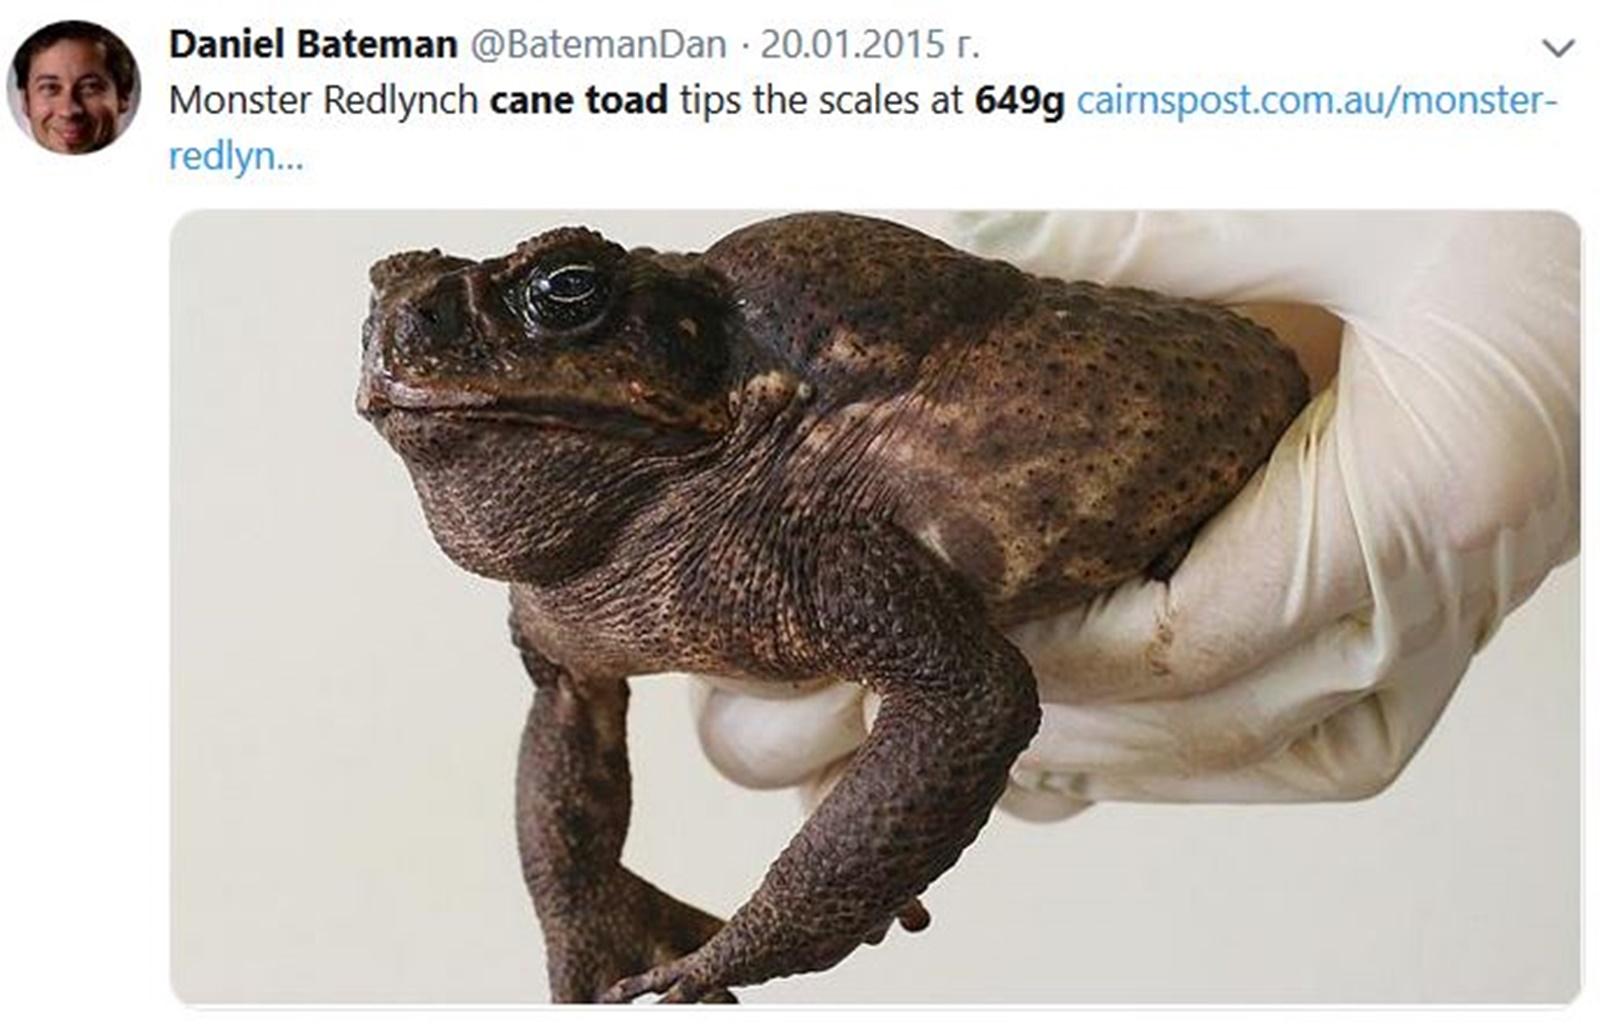 Тръстикова крастава жаба<br /> Не може да се каже, че тя притежава чара на Патрик-Вомбатът, но пък със сигурност впечатлява с размерите си. През 2007 г. тръстикова жаба с размерите на малко куче е открита в Дарвин, Австралия. Теглото ѝ е 649 грама и с няколко сантиметра се проваля в опита си да бъде регистрирана като най-голямата жаба.